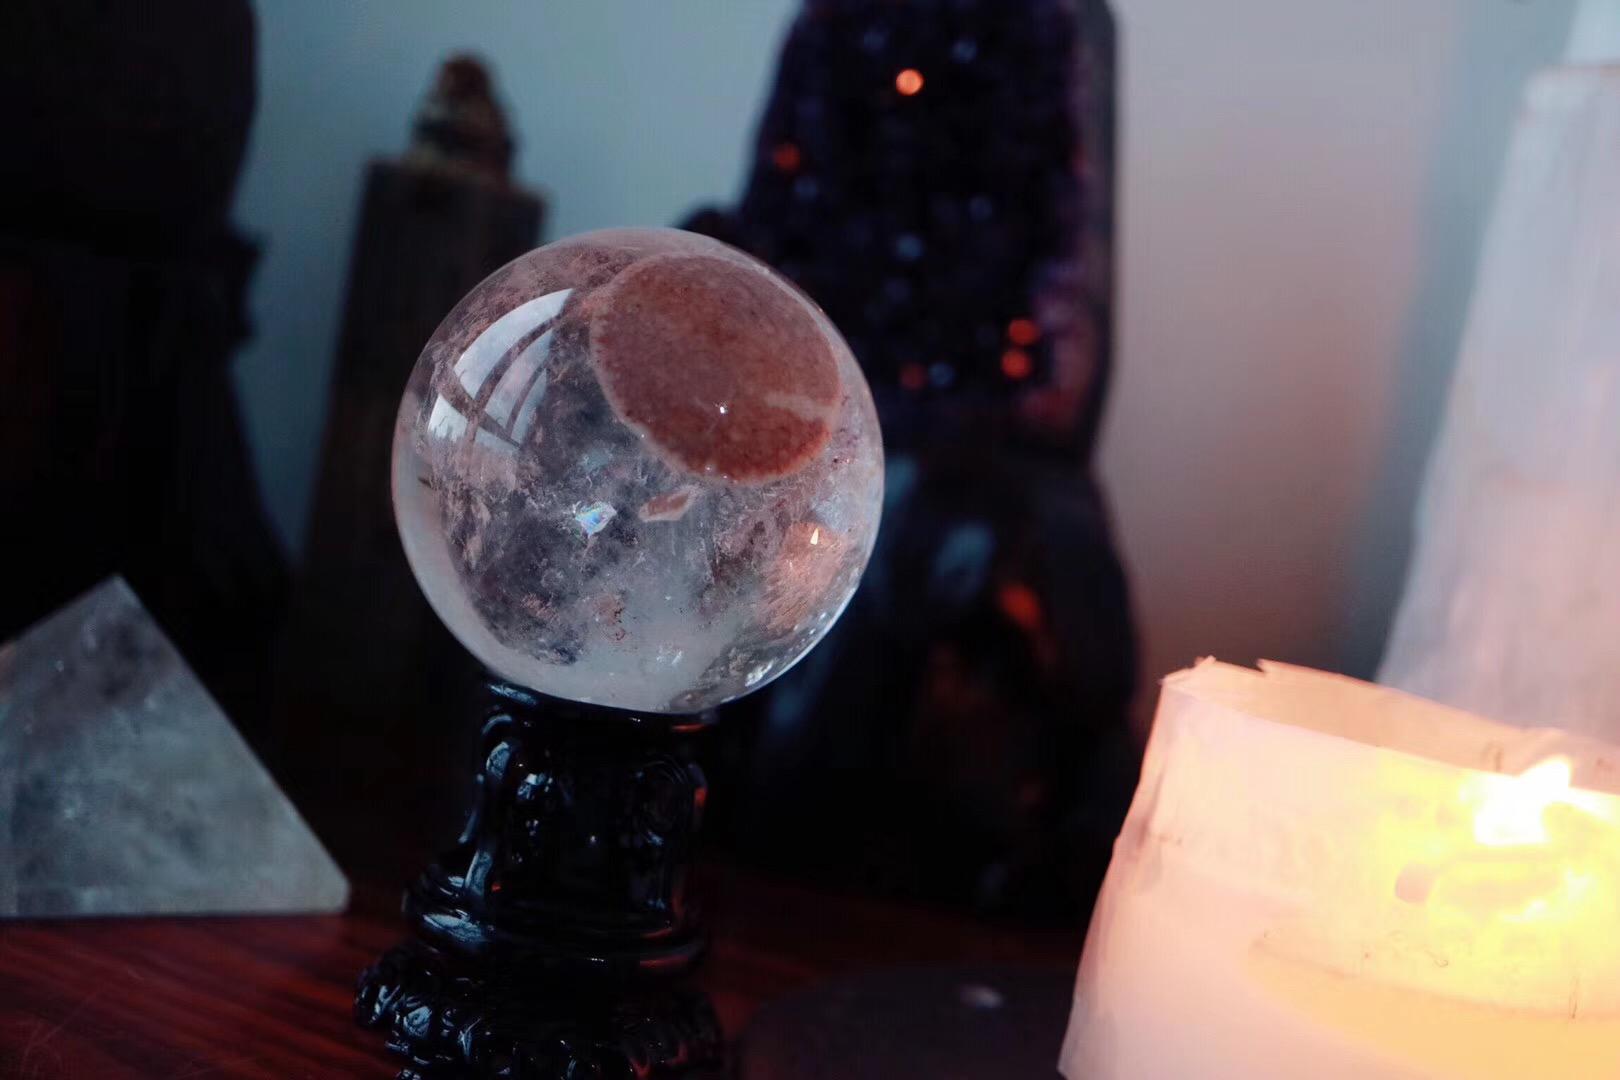 【红幽灵🌈球】 红幽灵,属幻影水晶的一种-菩心晶舍